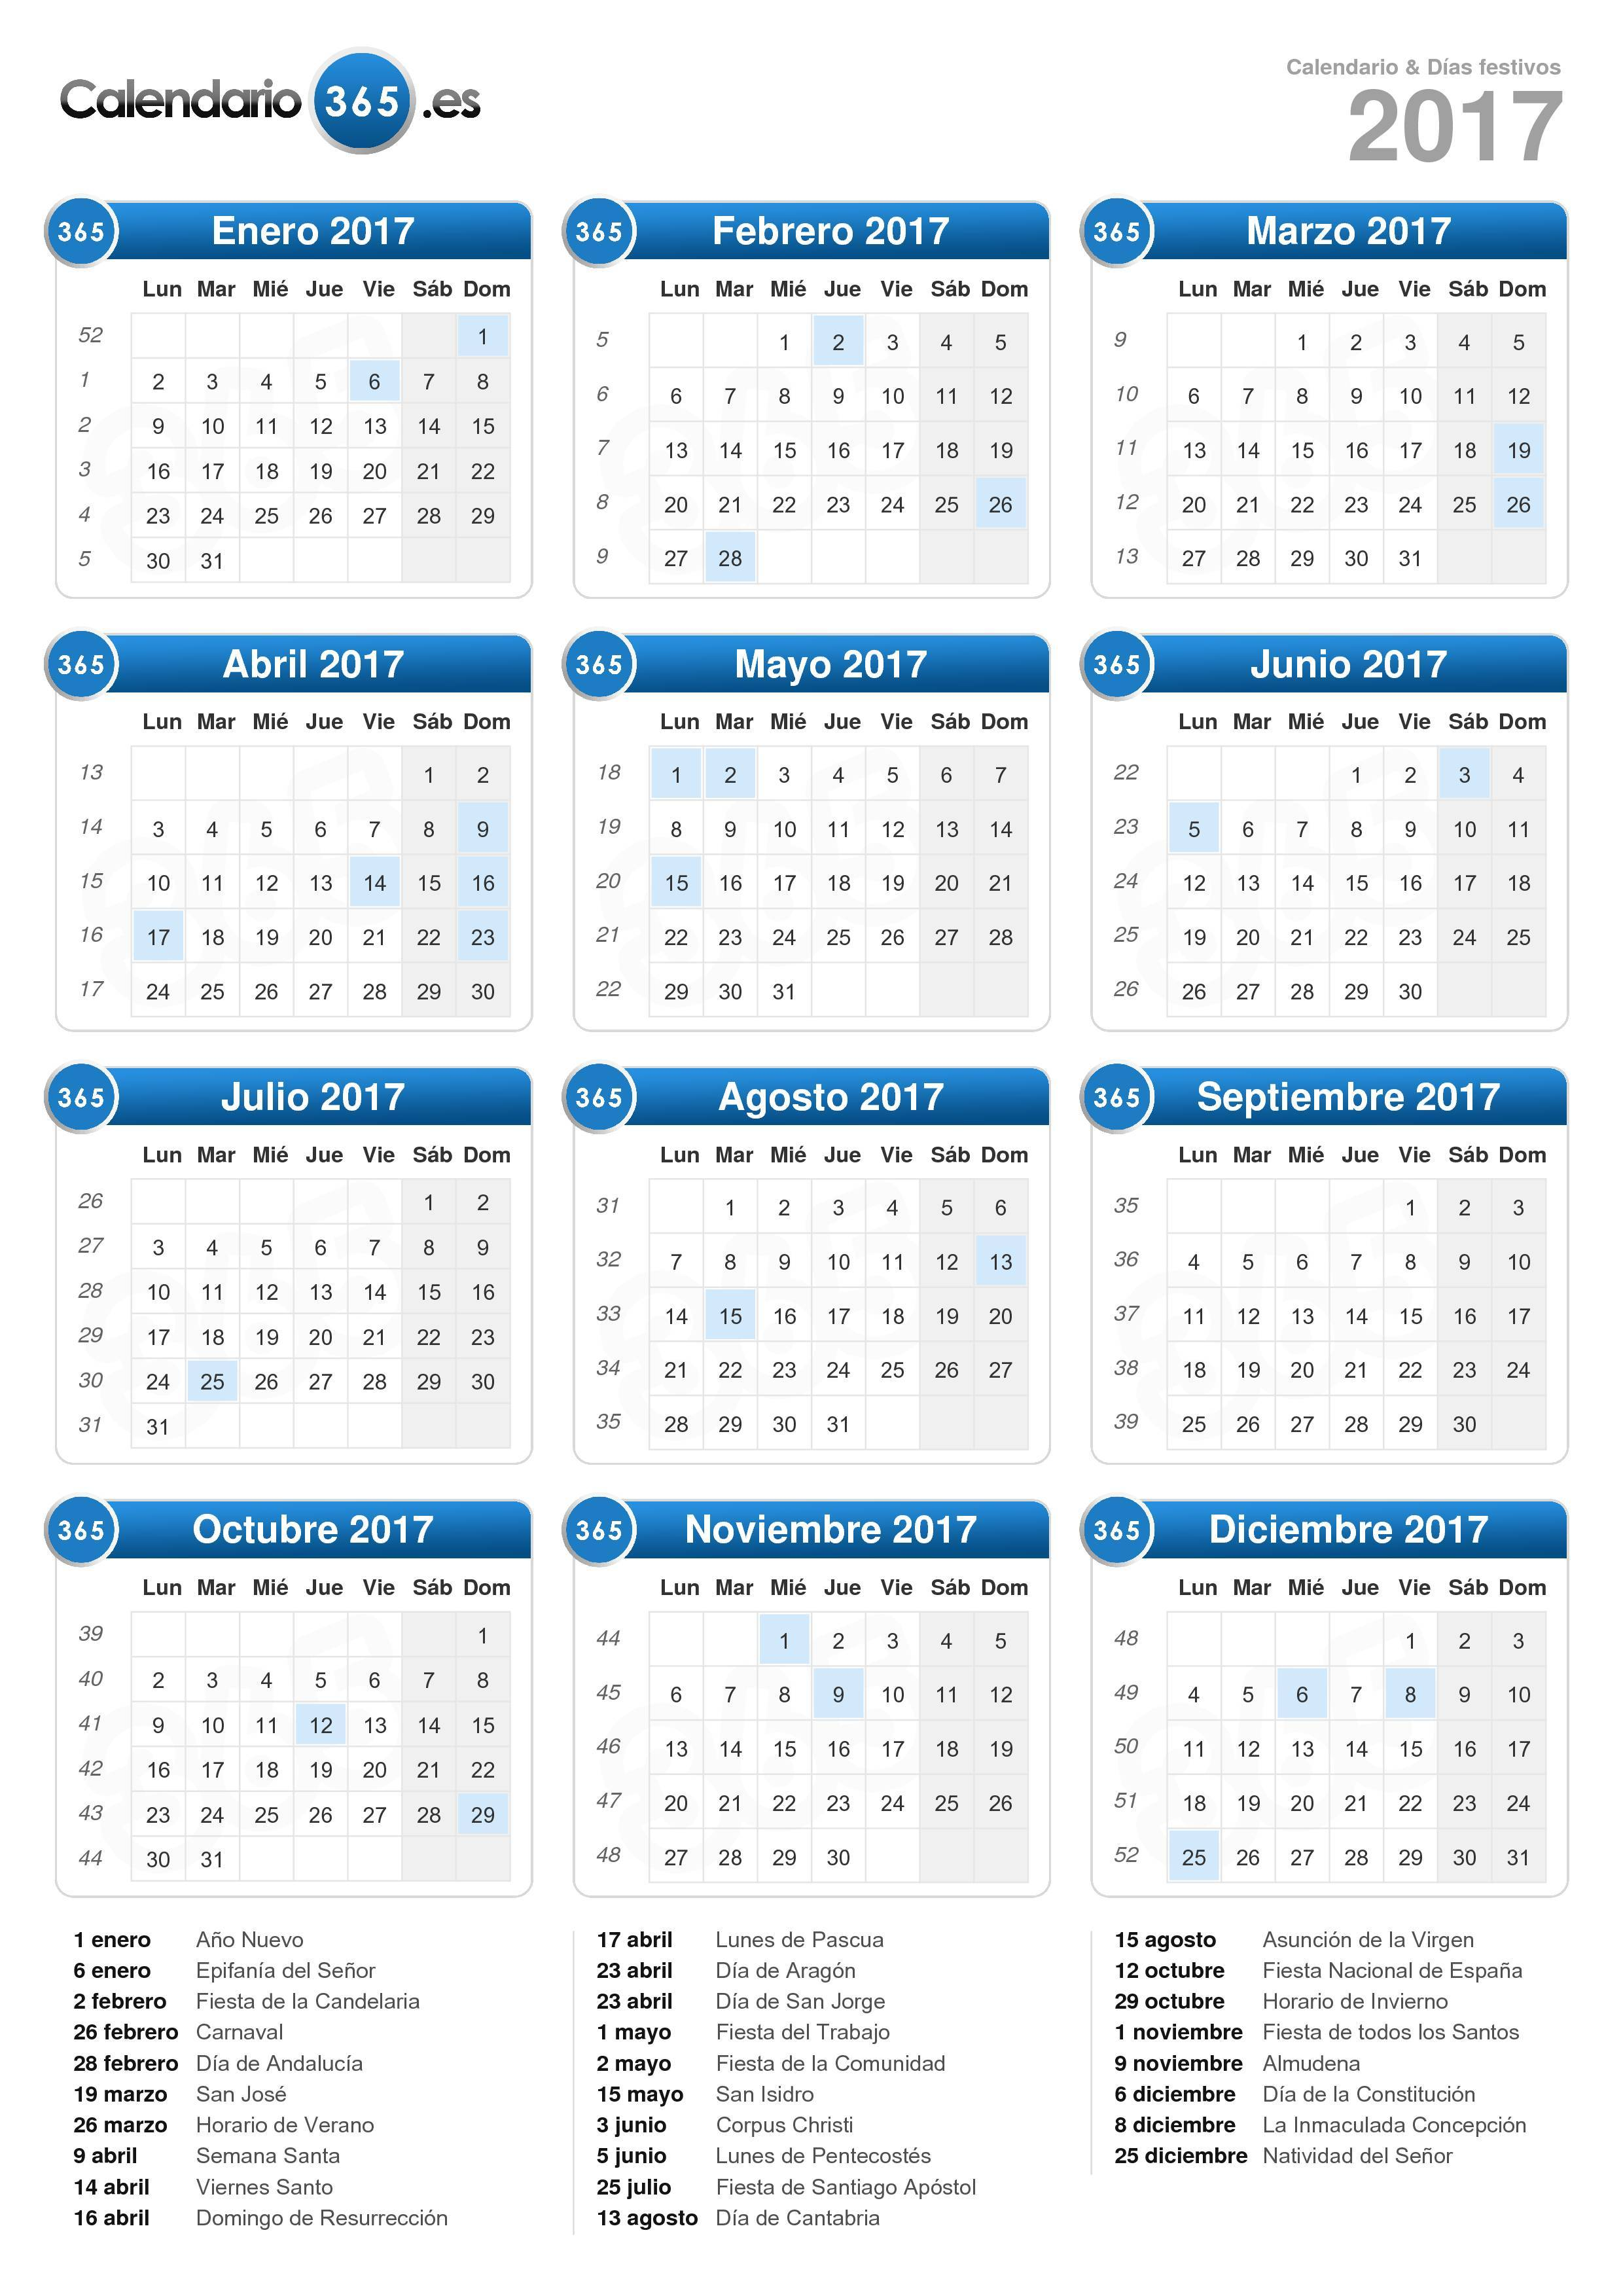 calendario 2017 txt